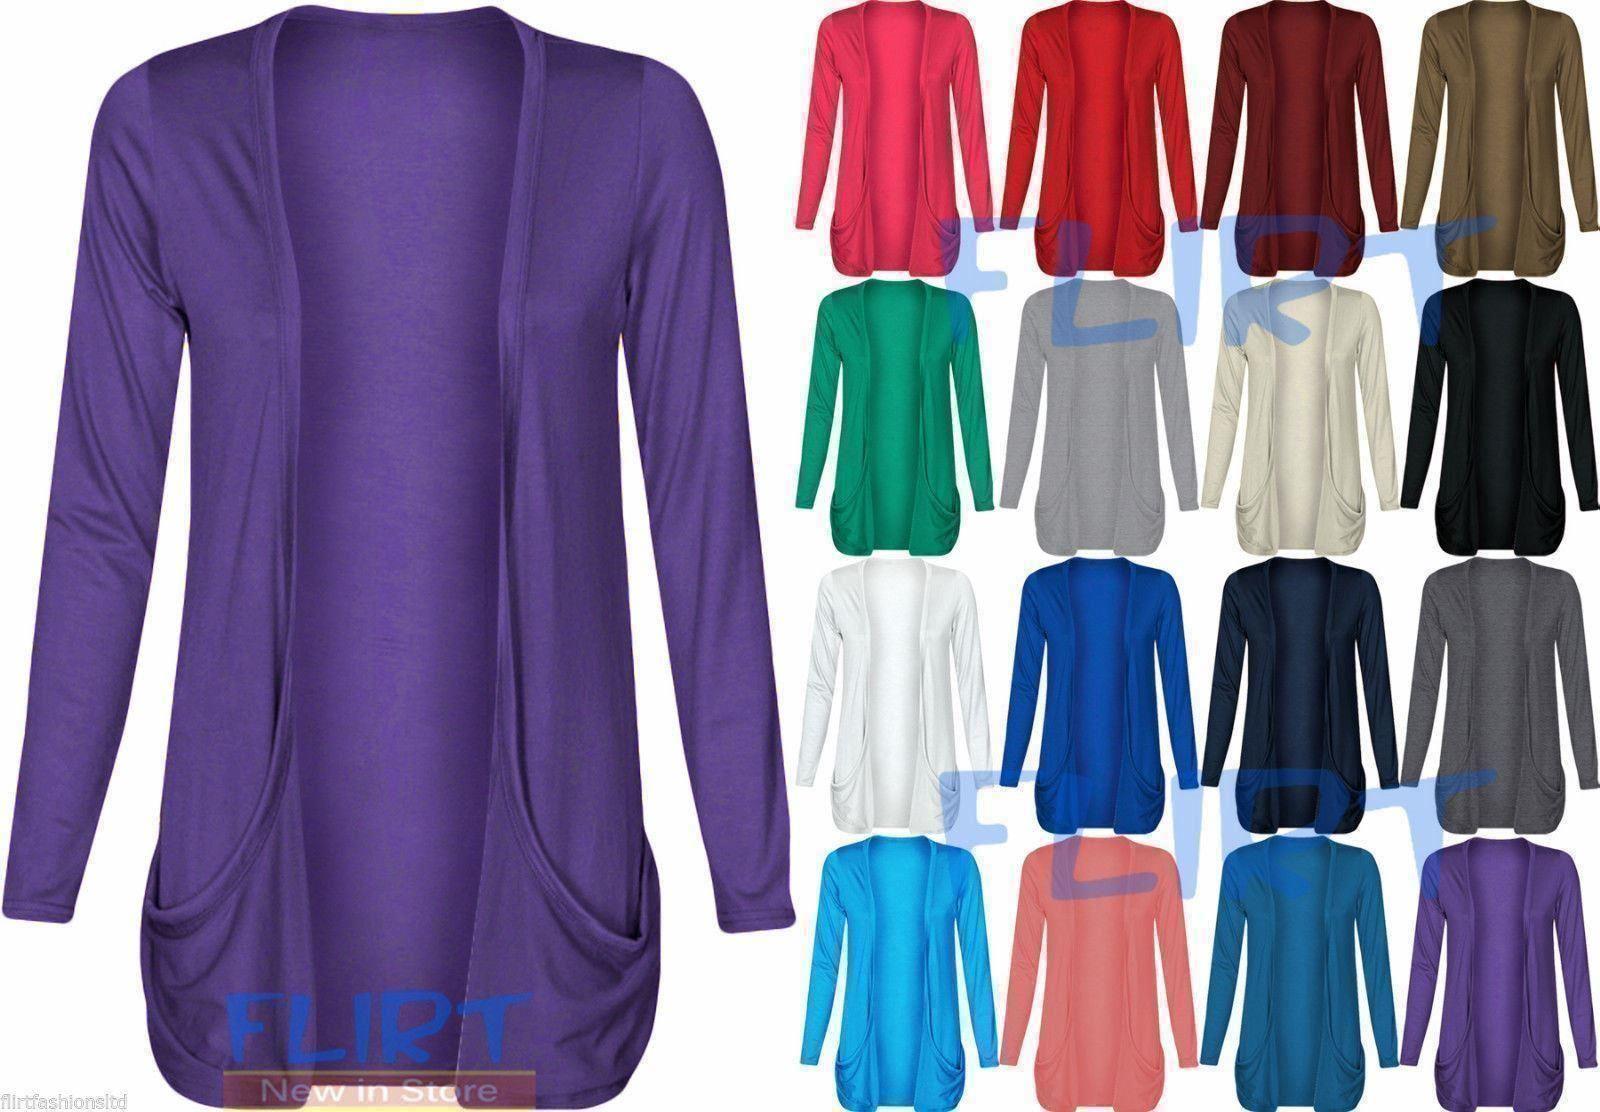 Womens Plus Size Drop Pocket Boyfriend Open Cardigan Tops Long Sleeves Casual